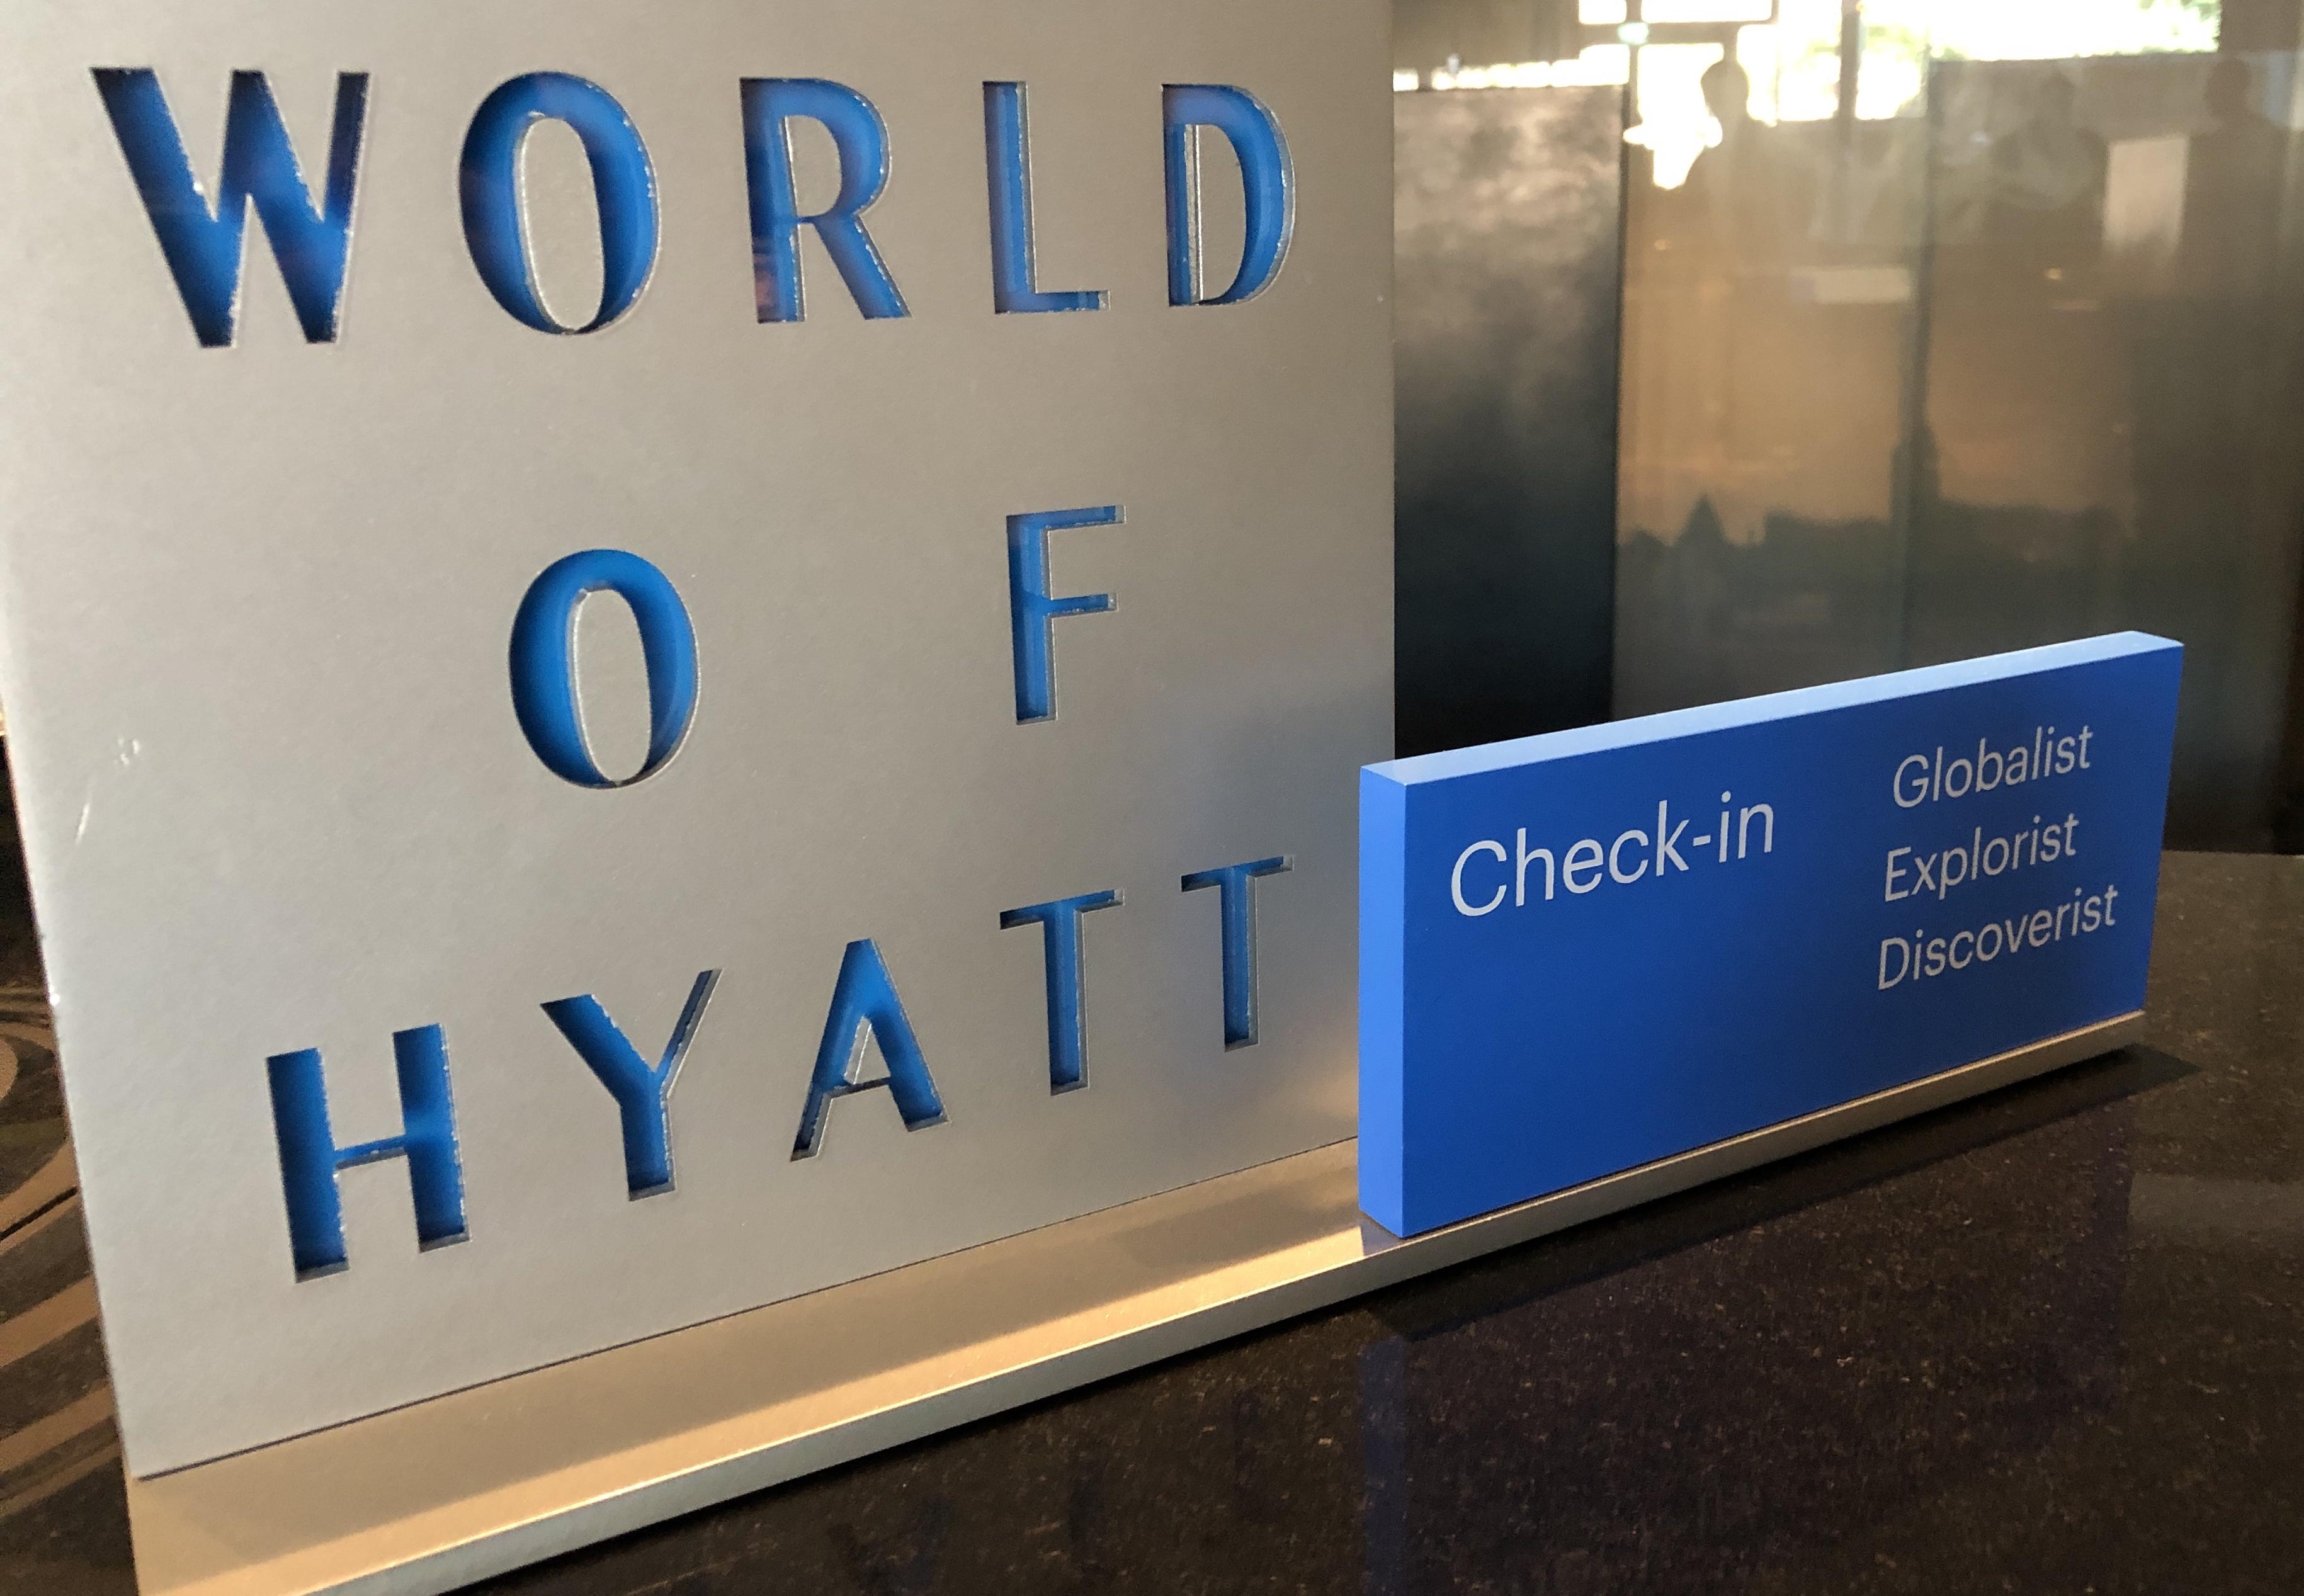 Mit World of Hyatt eine kostenlose Nacht und bis zu 8.000 Punkte sammeln